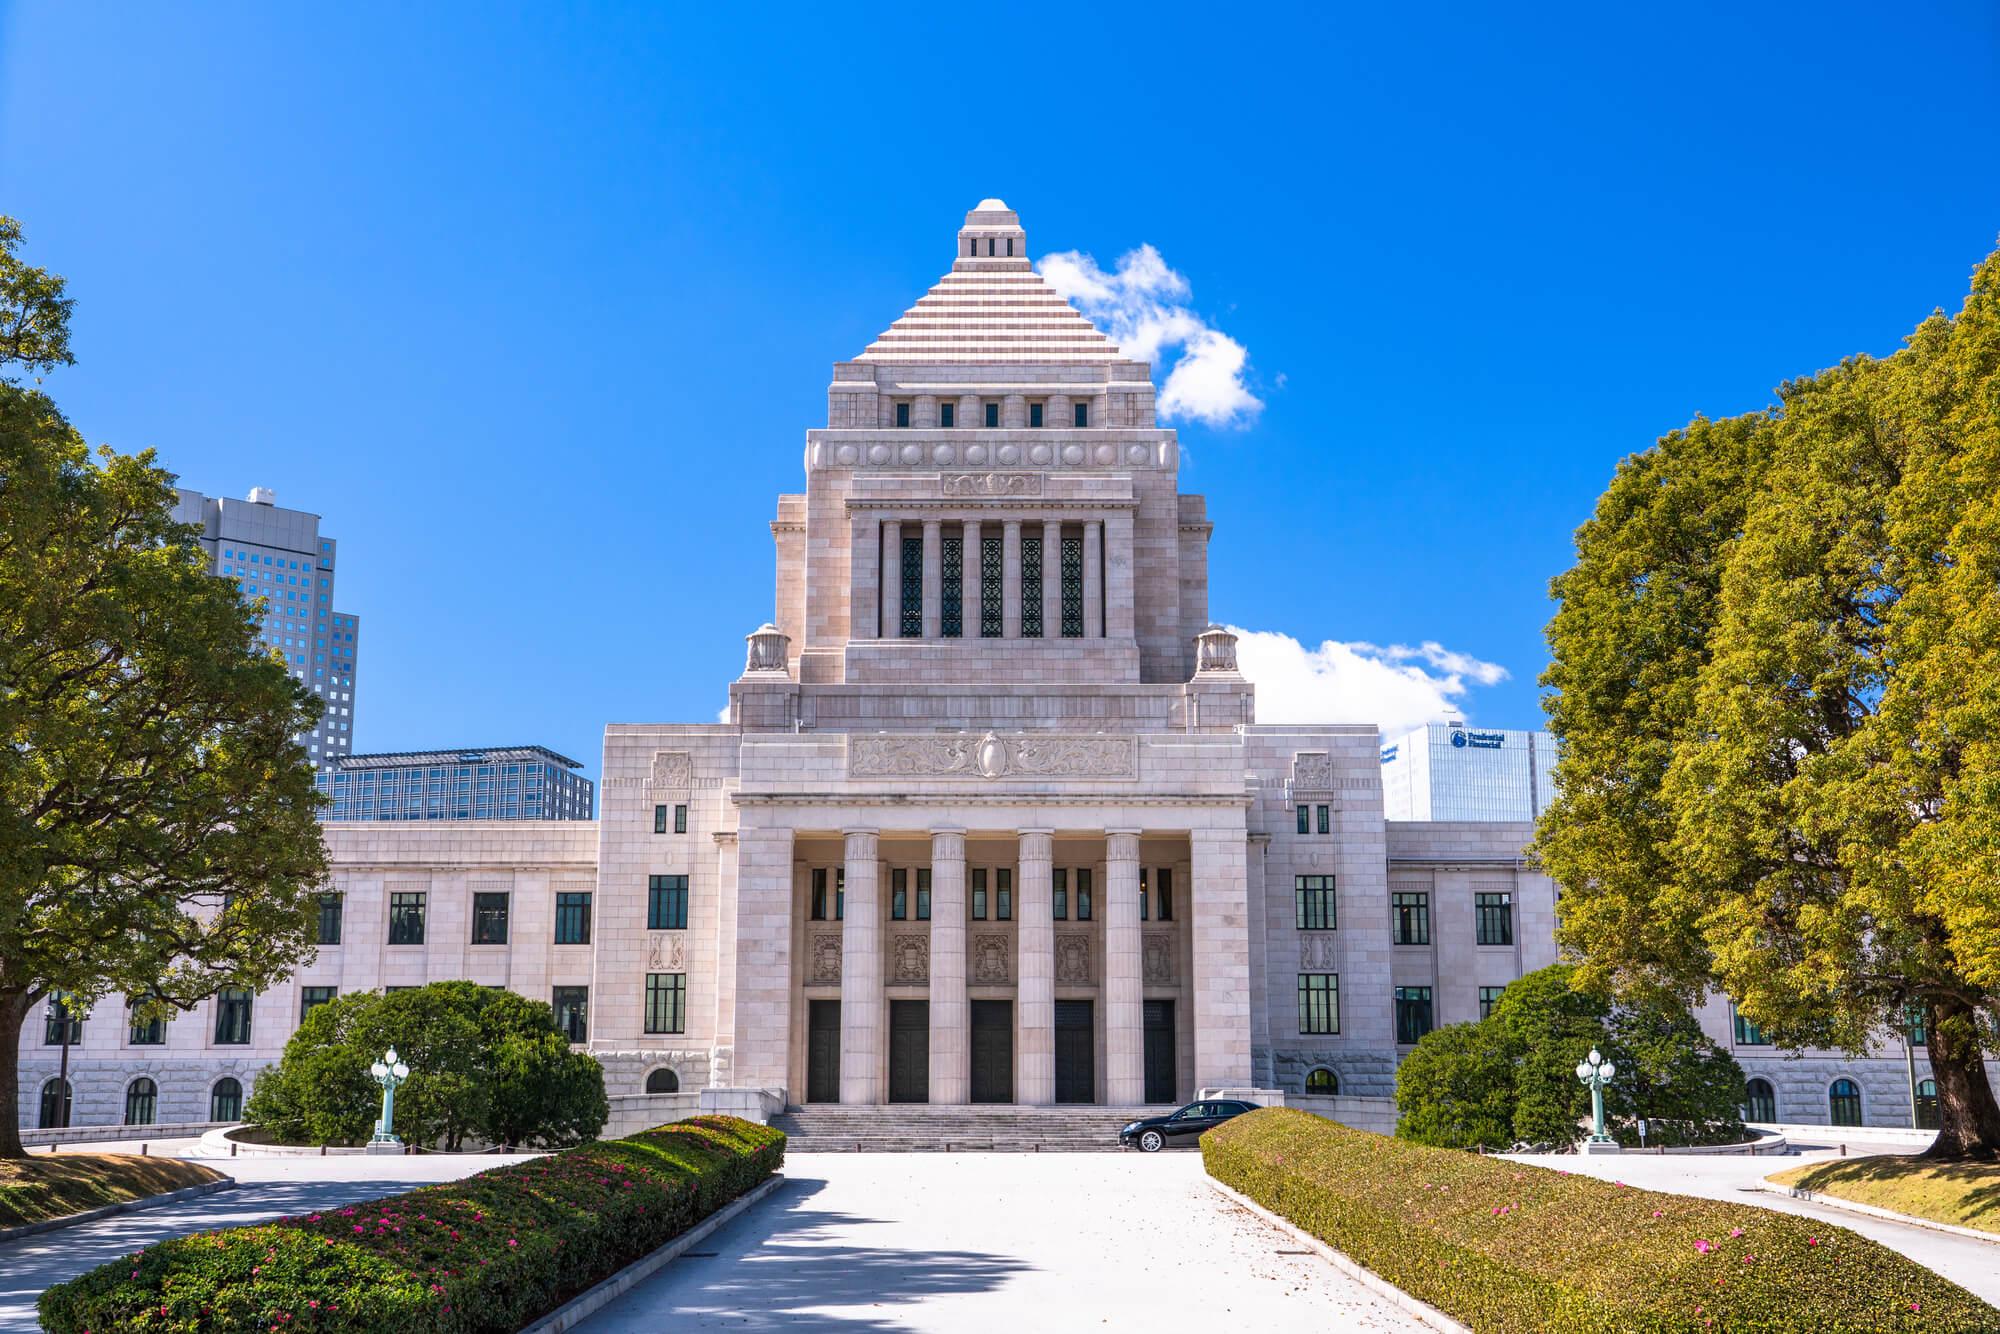 菅政権の誕生は不動産投資家にとって「追い風」になるのか?